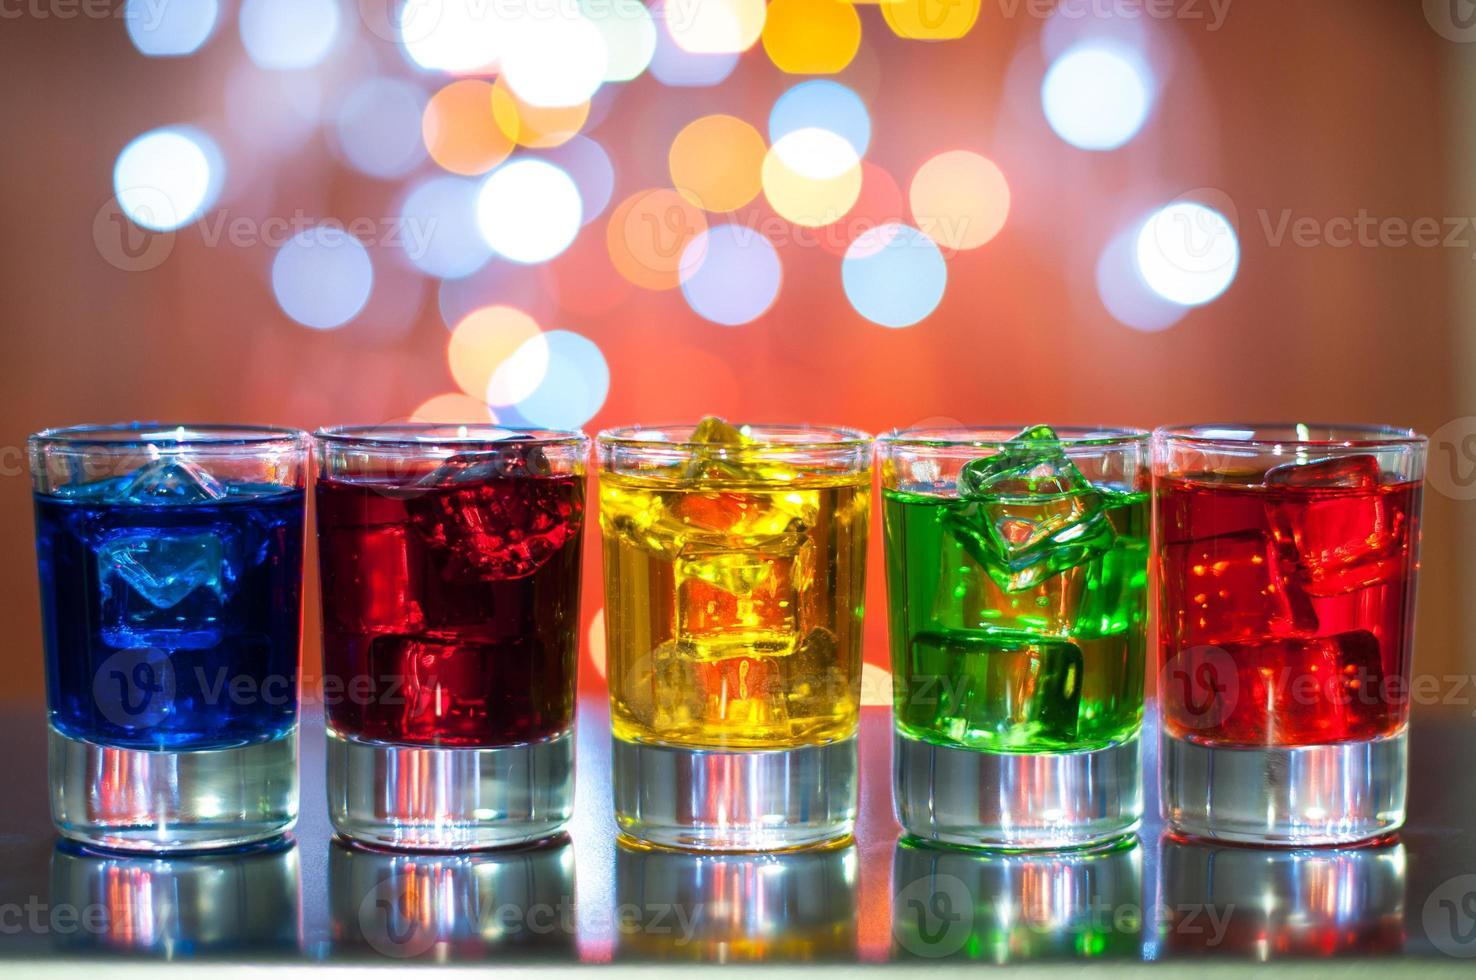 Berry boisson alcoolisée dans de petits verres sur bar avec photo